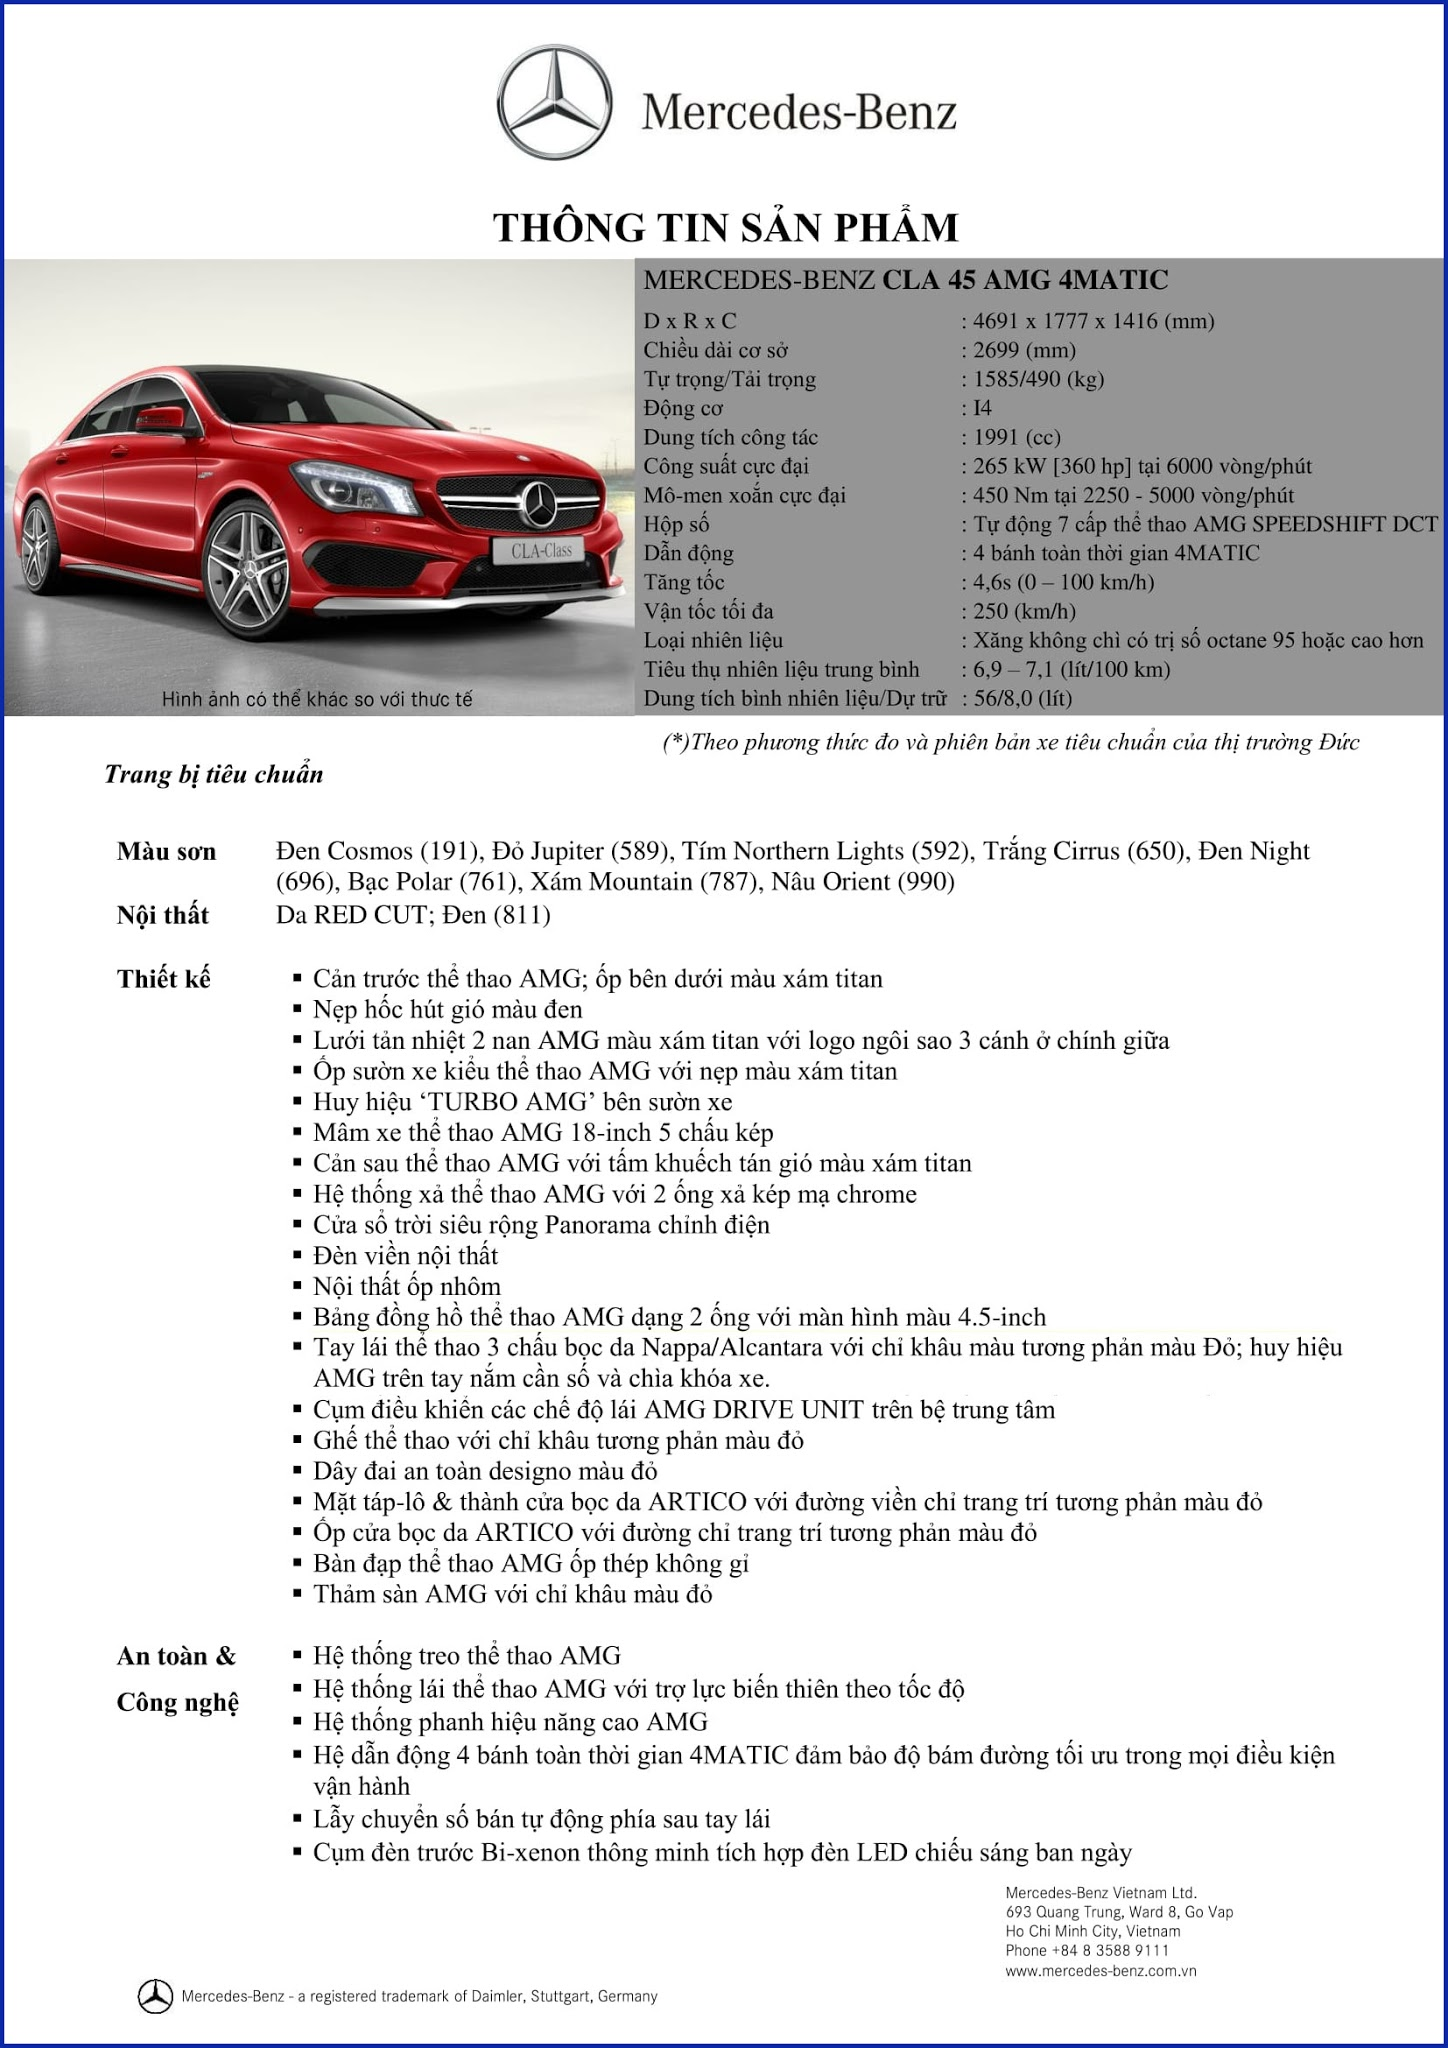 Bảng thông số kỹ thuật Mercedes AMG CLA 45 4MATIC 2017 tại Mercedes Trường Chinh